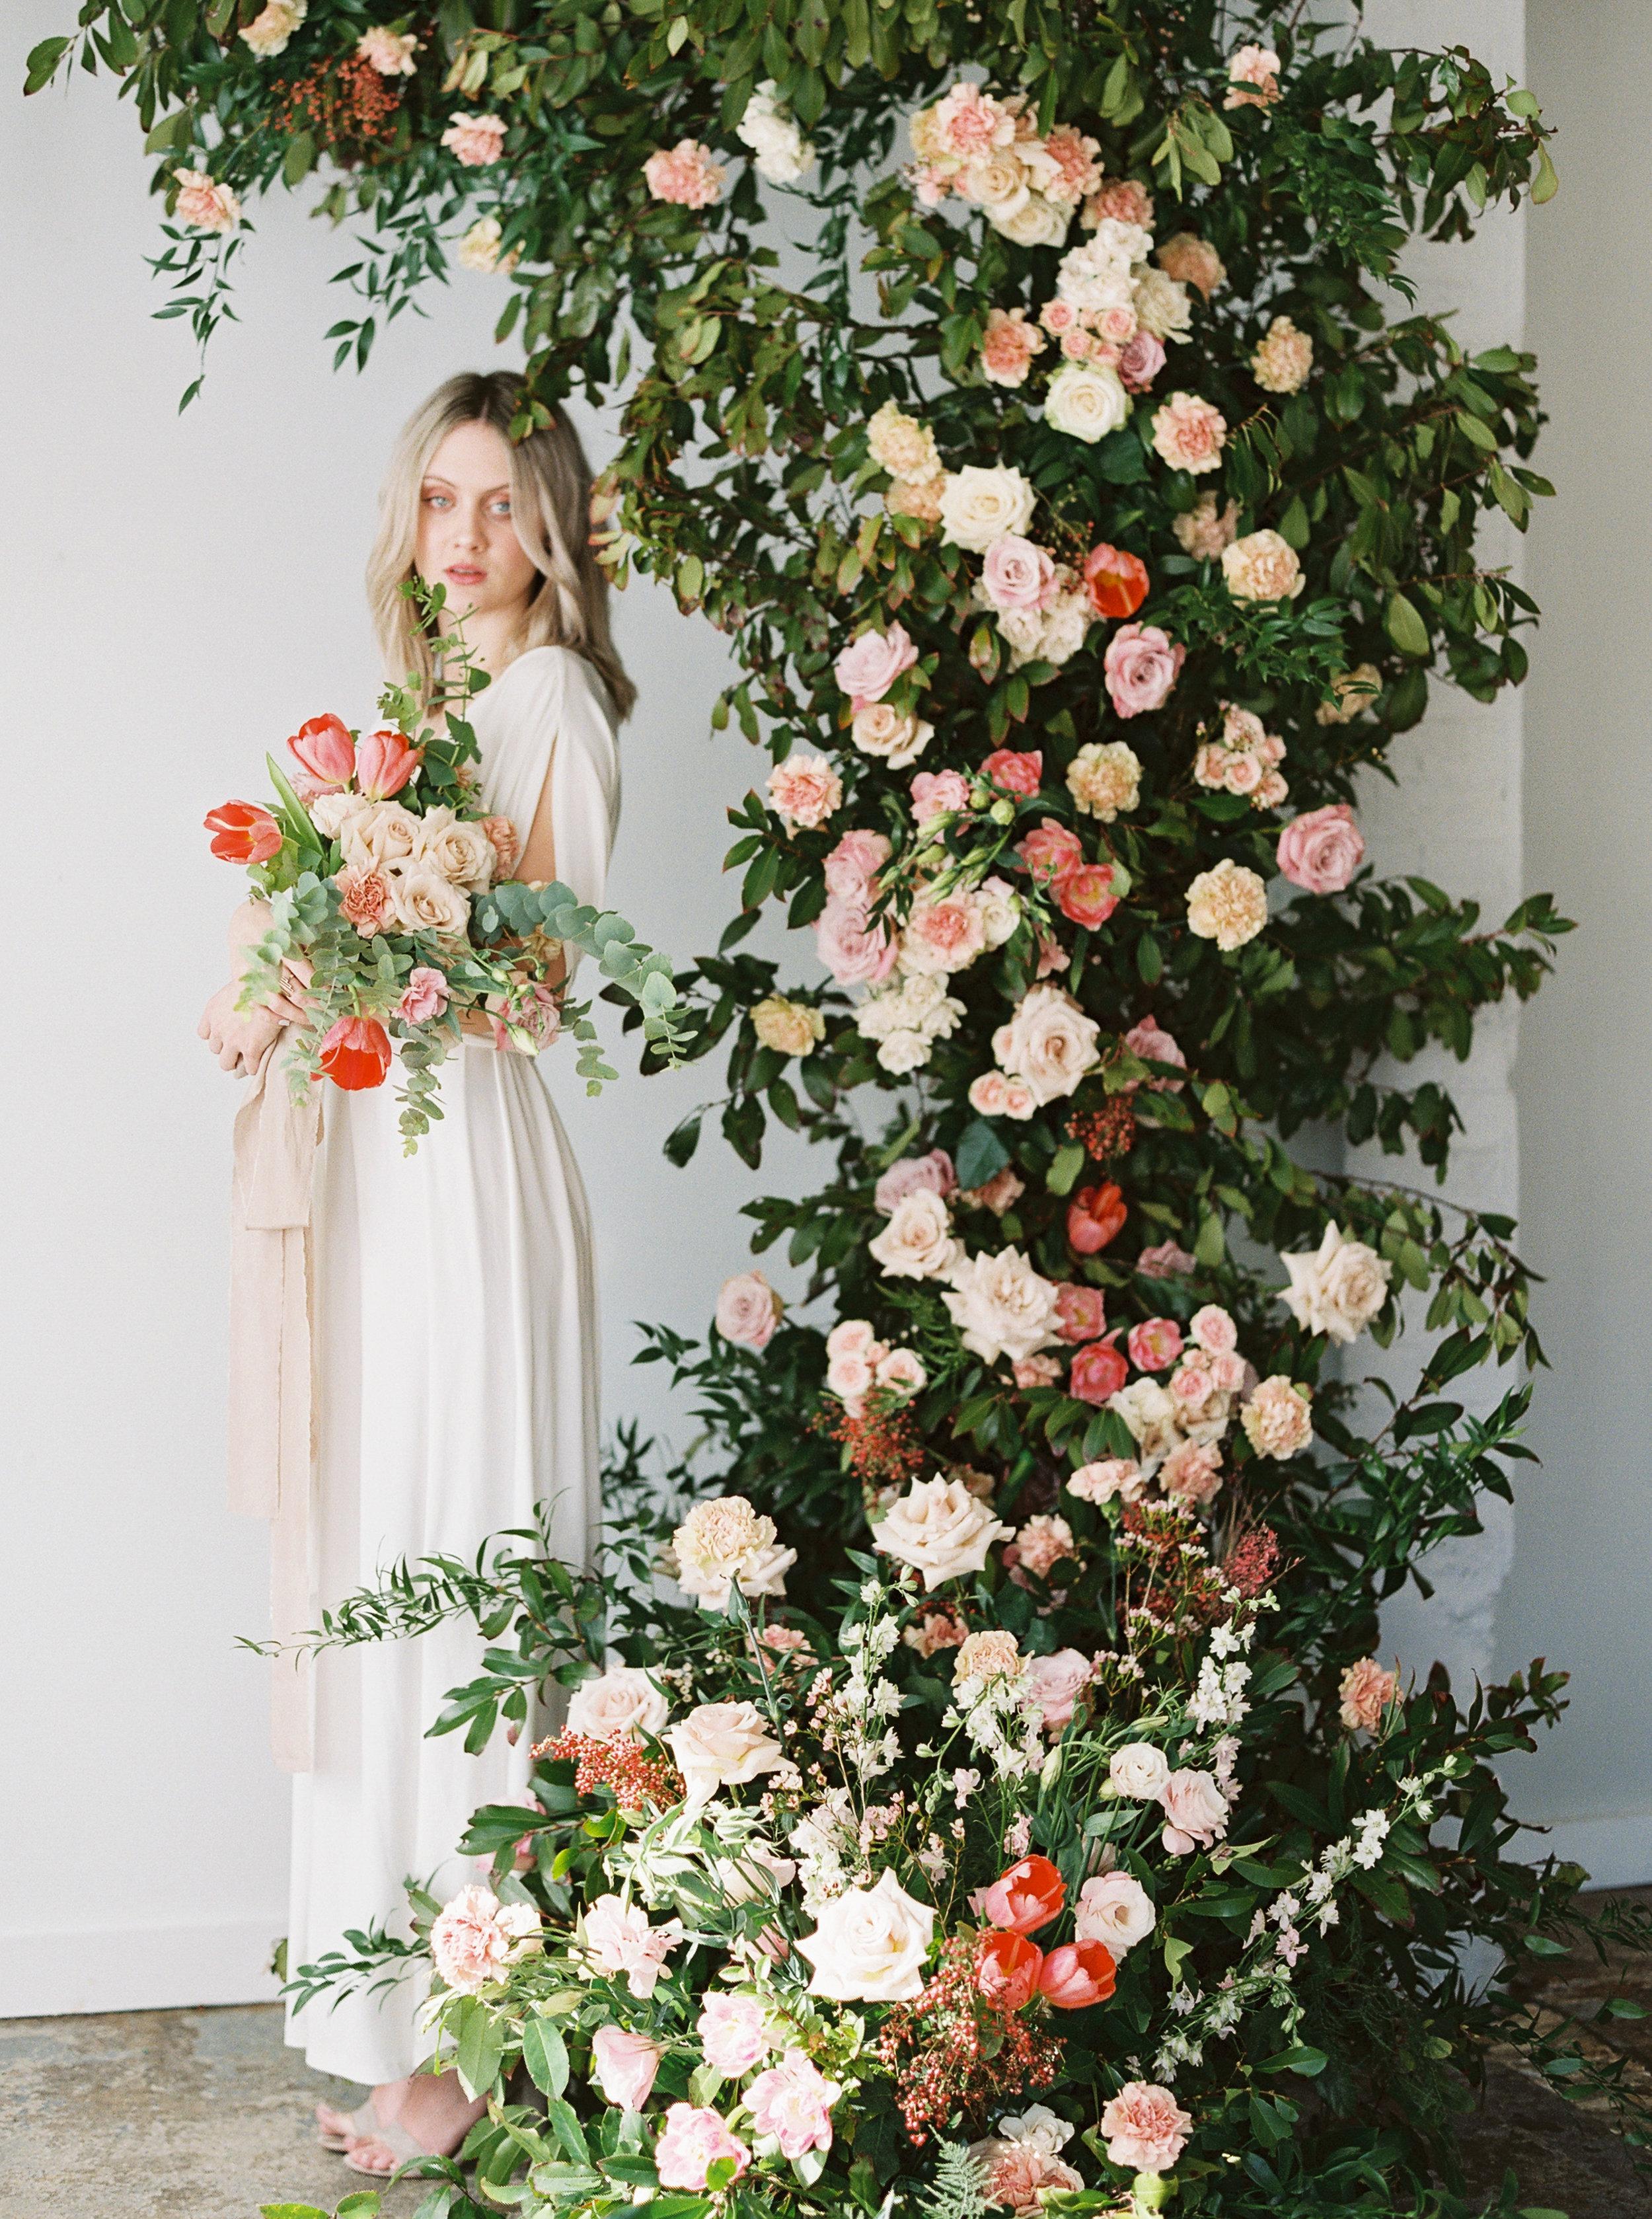 spring_flowers_tulips_pink_floridesigns (10 of 18).jpg